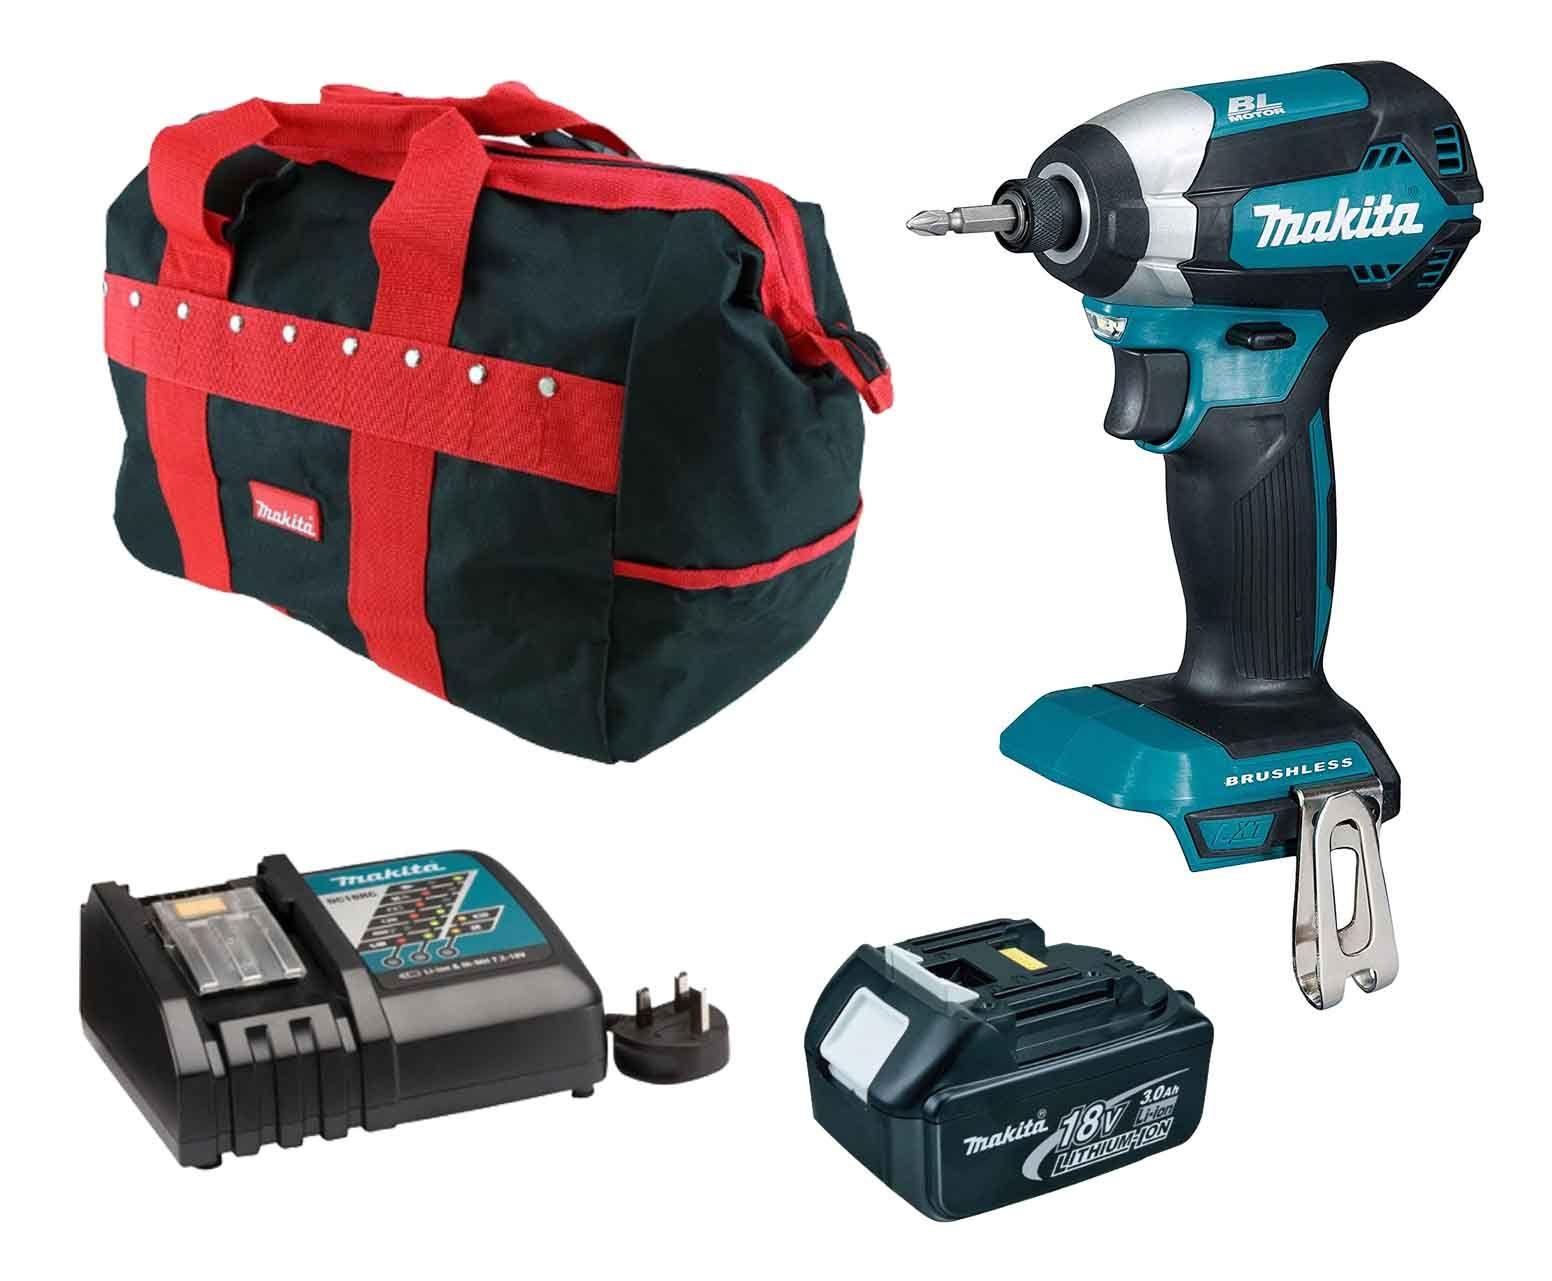 Makita DTD153RFX1 18v Brushless Impact Driver Kit